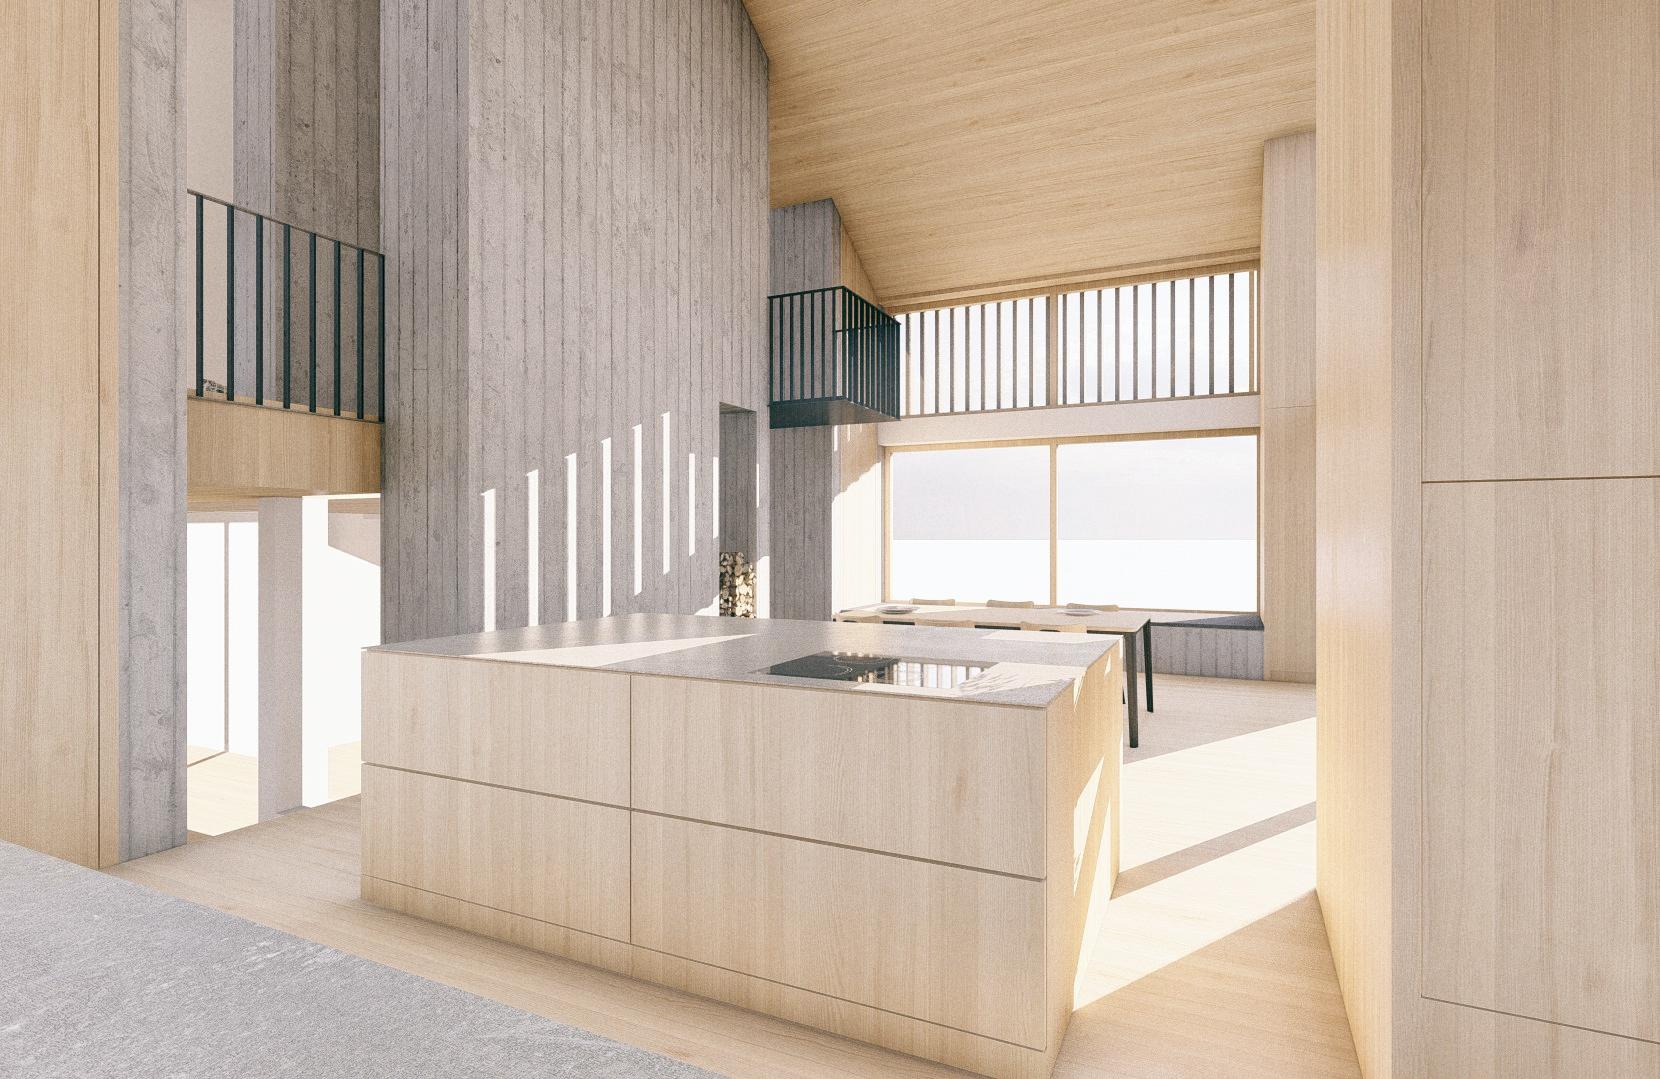 Stilelement Sichtbeton.   SNOW ARCHITEKTUR Architektur in Innsbruck